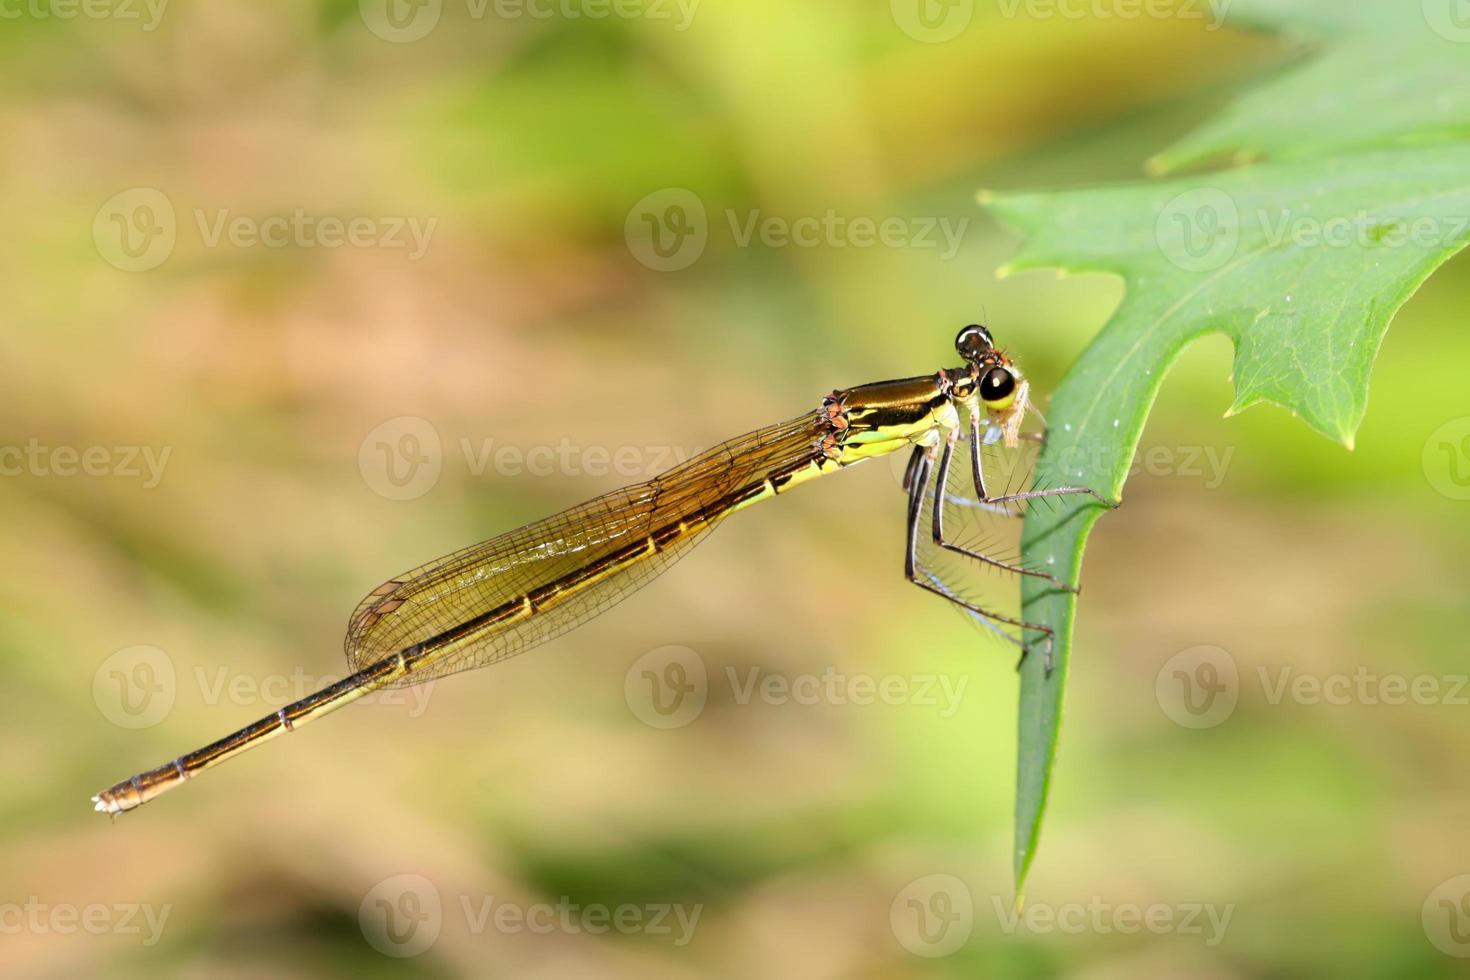 damsel-fluga på gräset foto